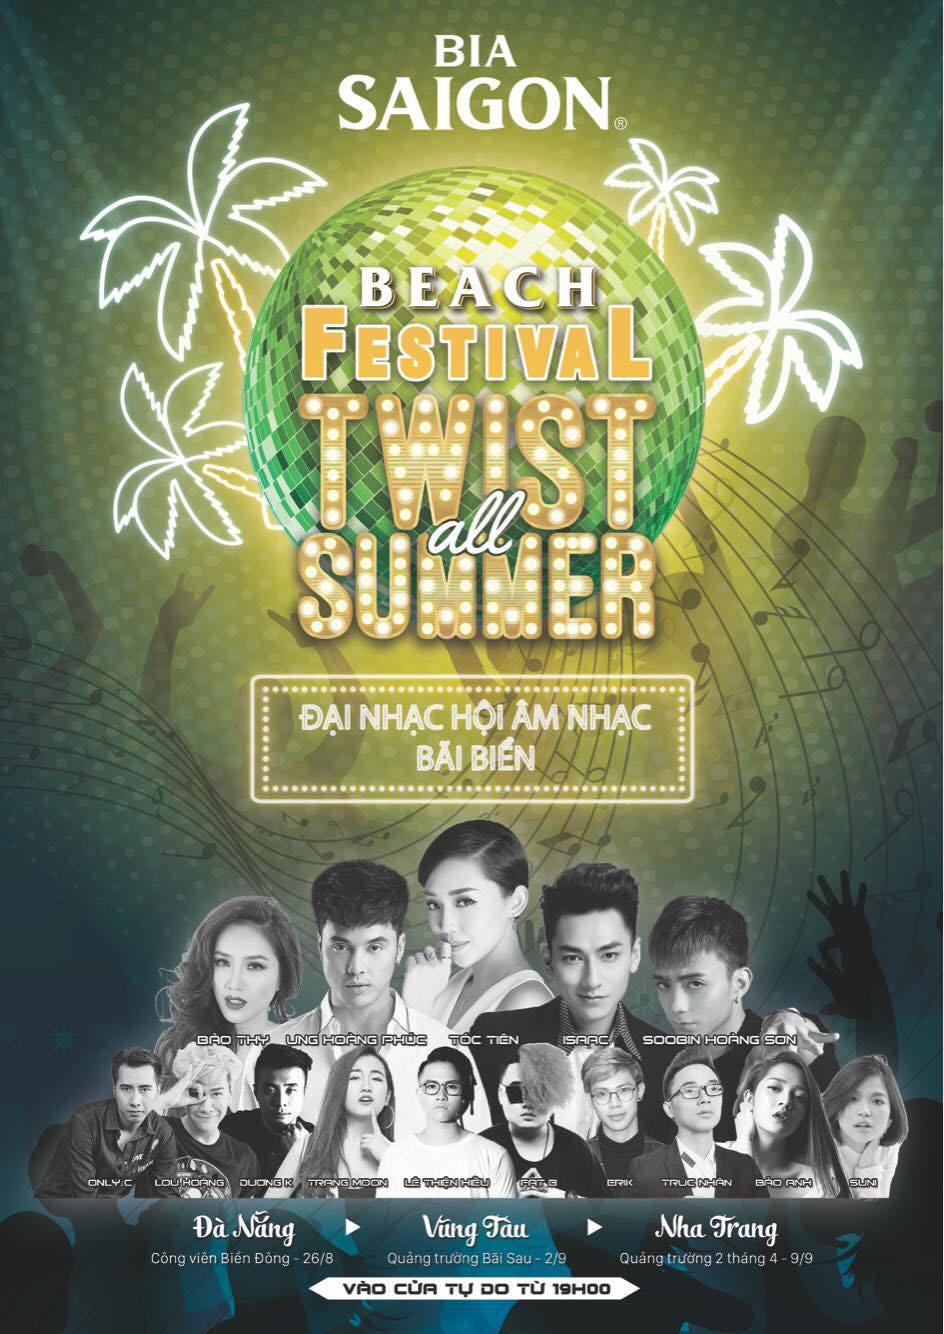 Beach Festival Twist all Summer - Bia Sài Gòn